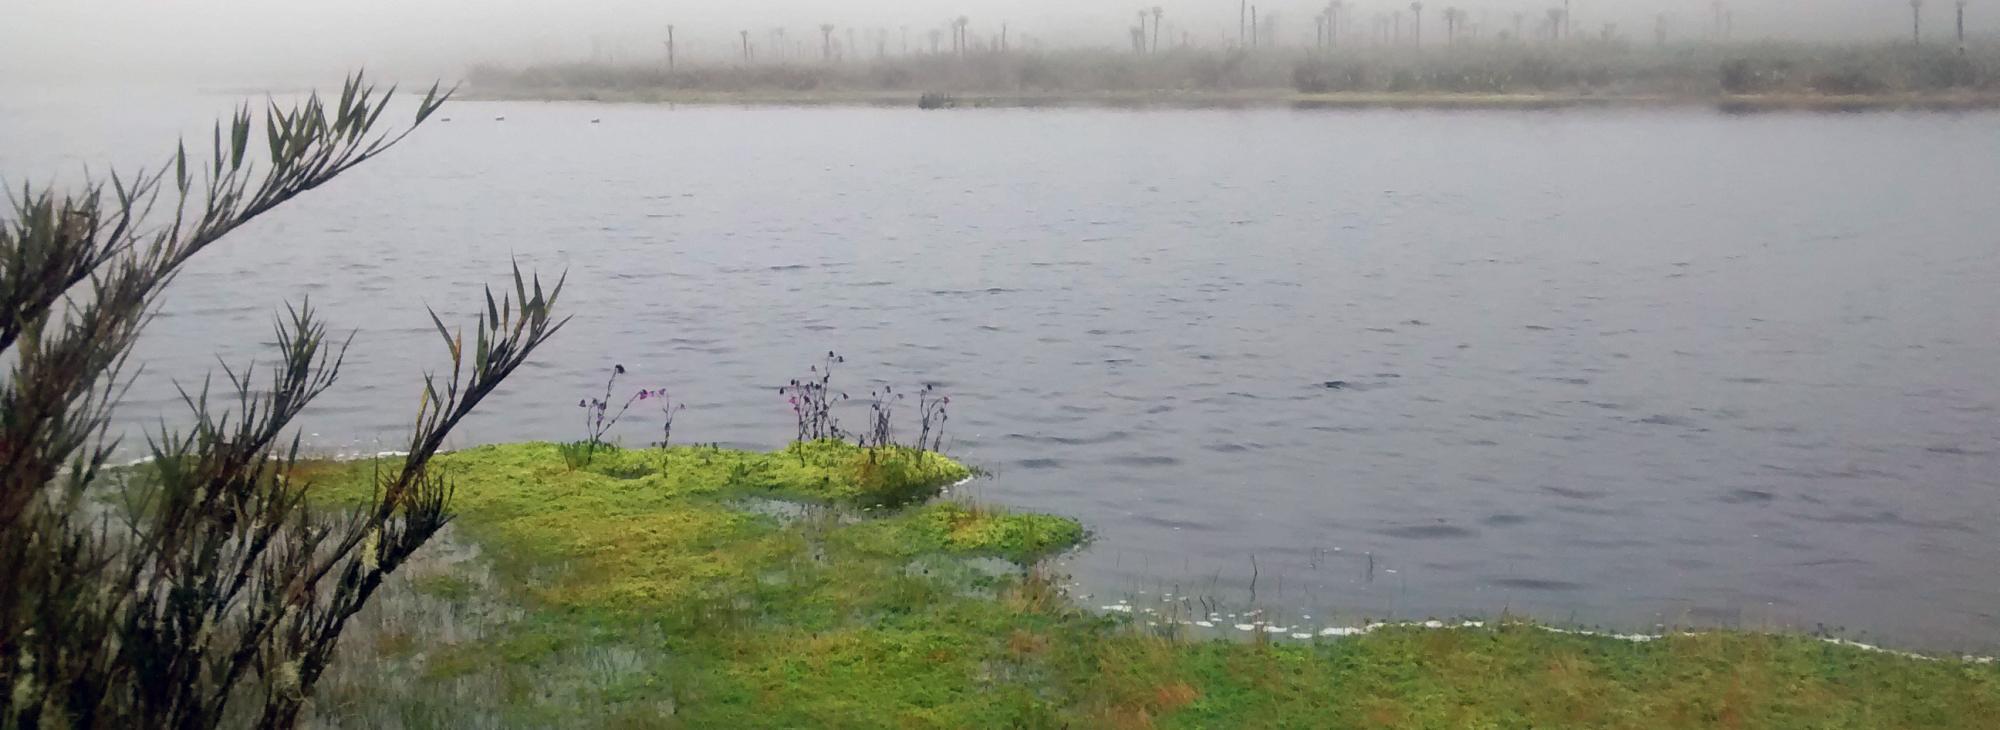 Laguna de Buitrago en el páramo colombiano